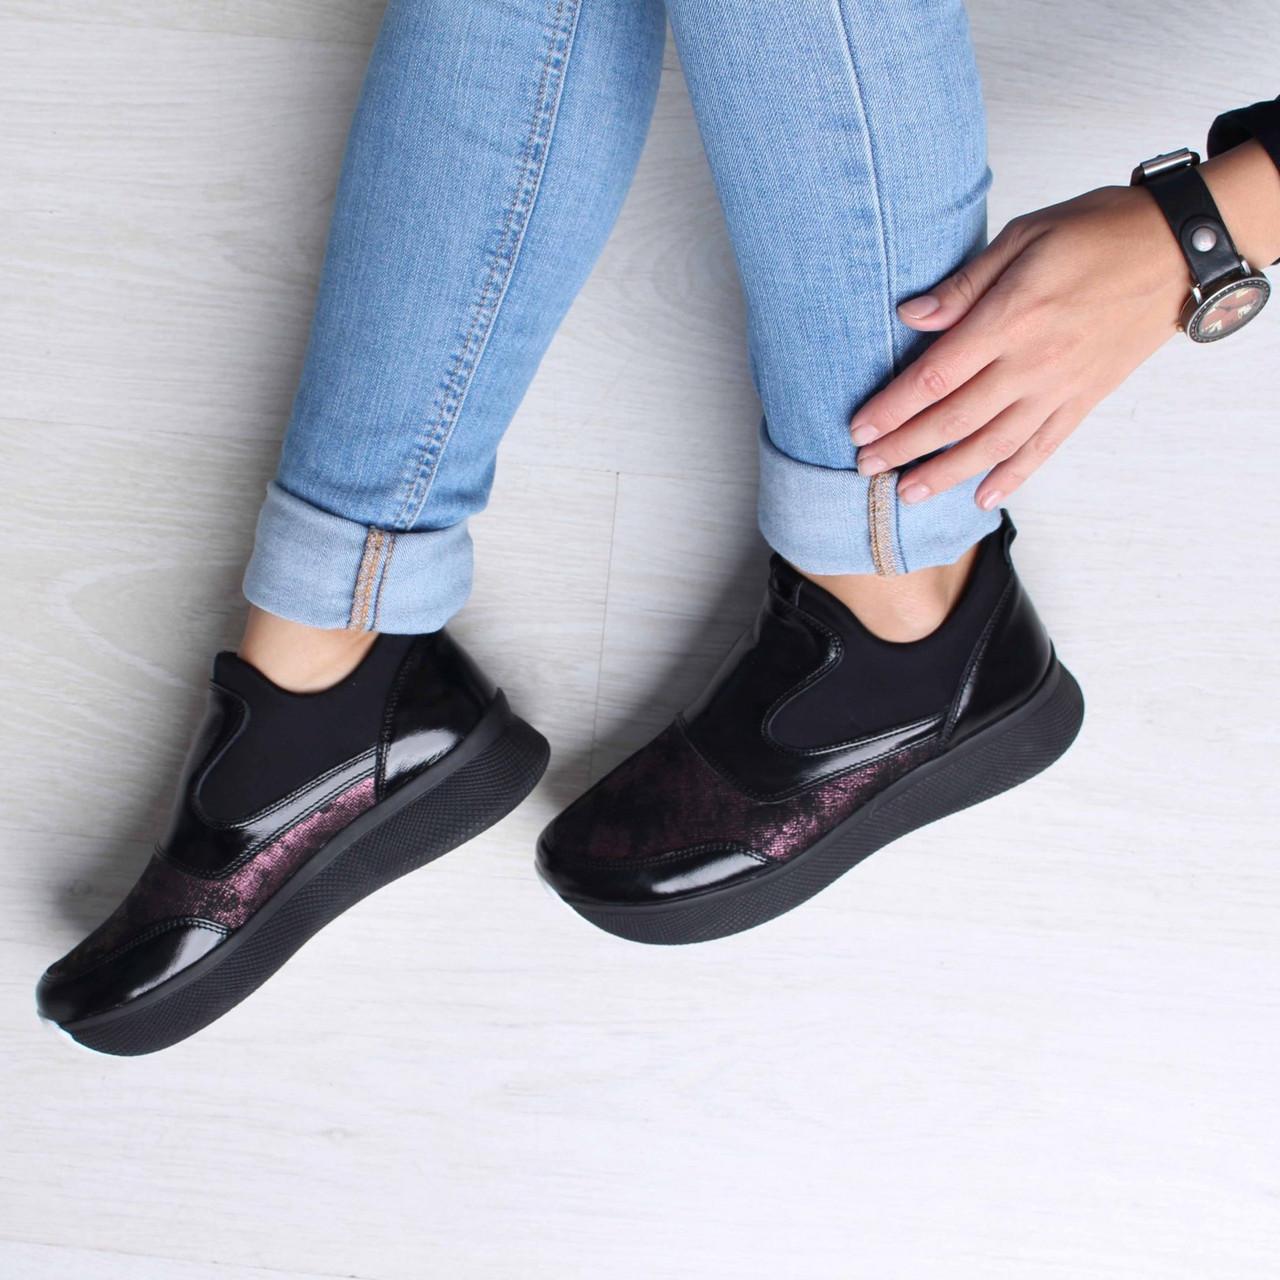 8a8fdd73 Кроссовки подошве со стрейчем - Интернет магазин женской обуви